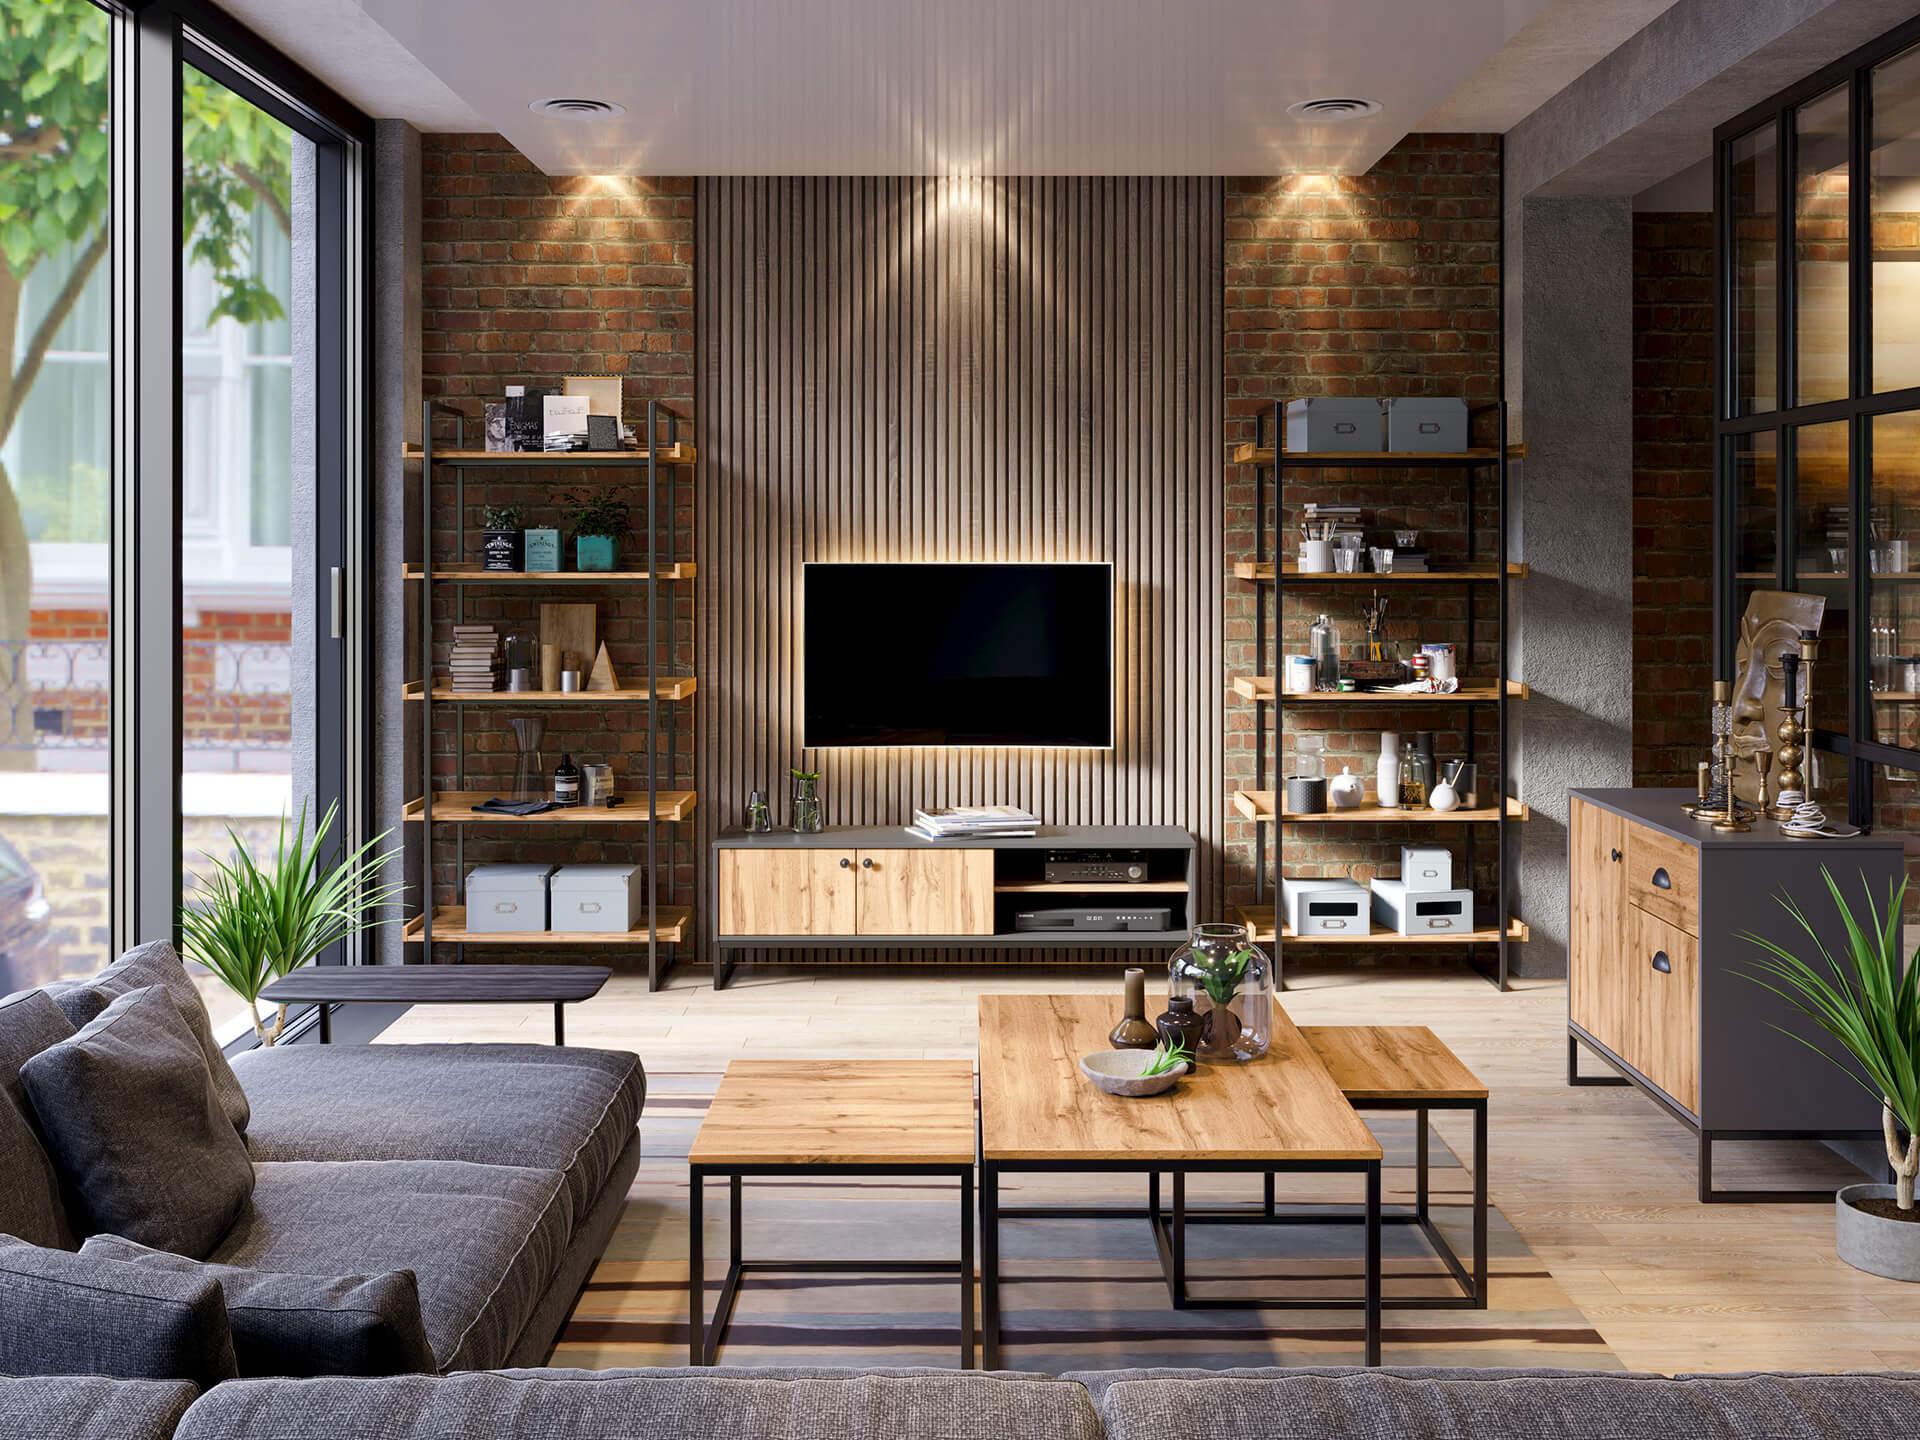 Modernes Wohnzimmer in Grau mit Couchtischen, Ecksofa, Kommode, Regale und Lowboard.